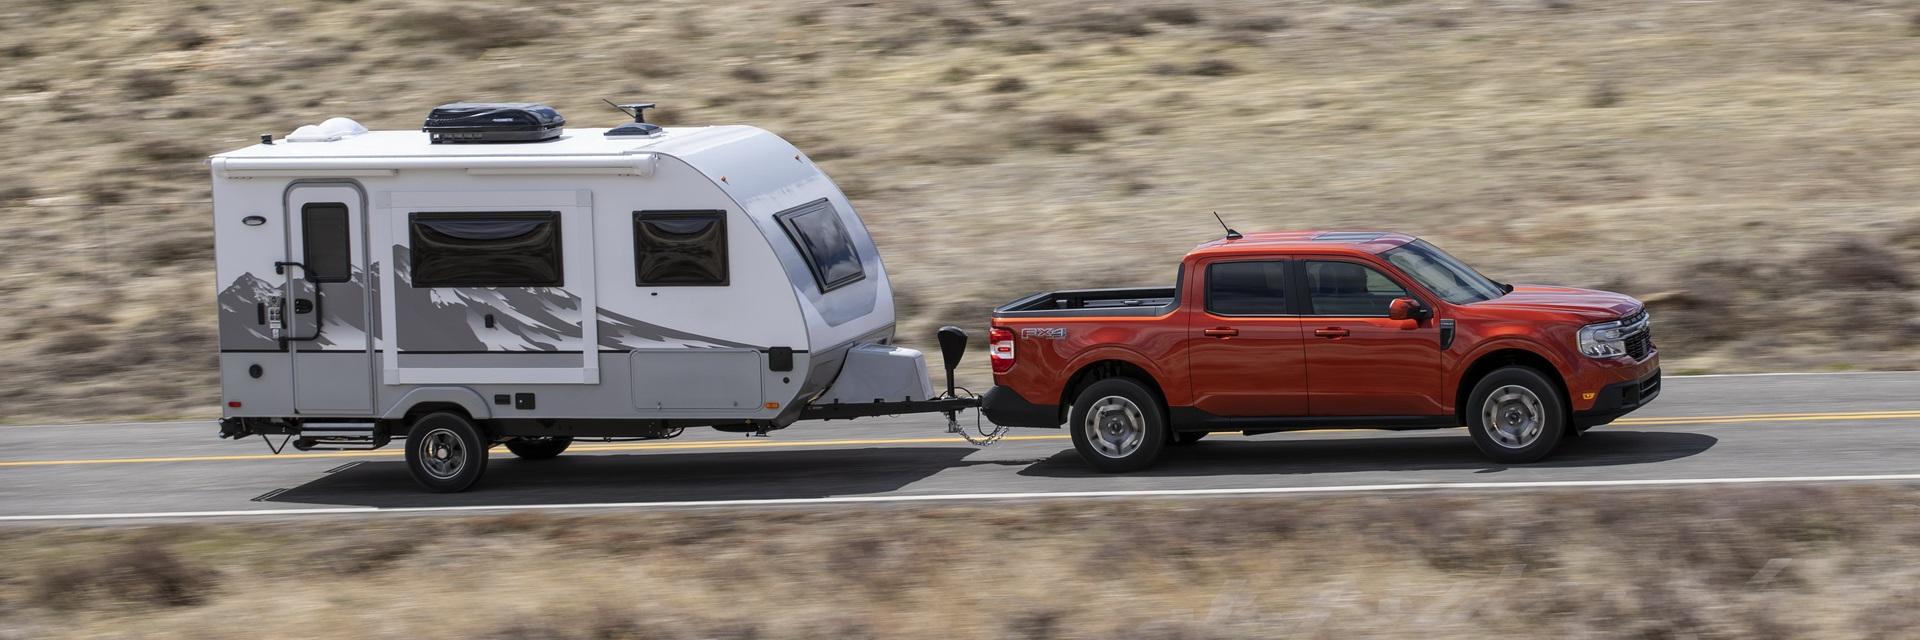 Ford ra mắt mẫu xe bán tải Maverick nhỏ hơn Ranger - 8